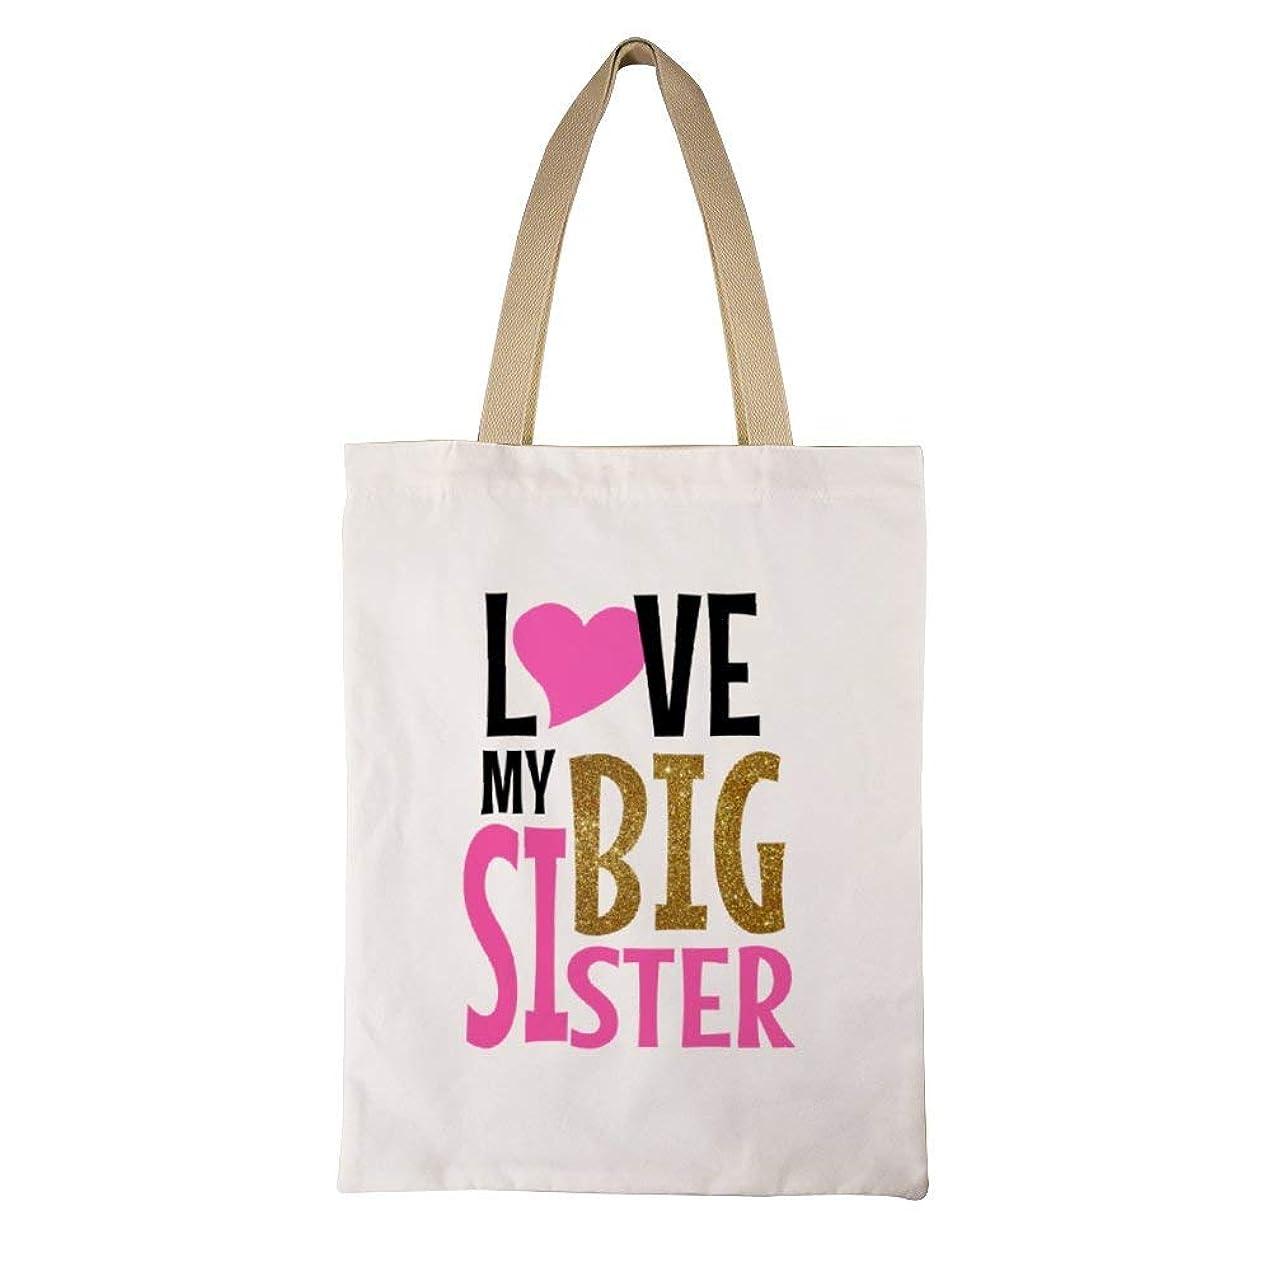 絶滅した規定十分I Love My Big Sister レディース キャンバストートバッグ ハンドバッグキャンバスショルダーバッグ通勤通学 大容量 軽量